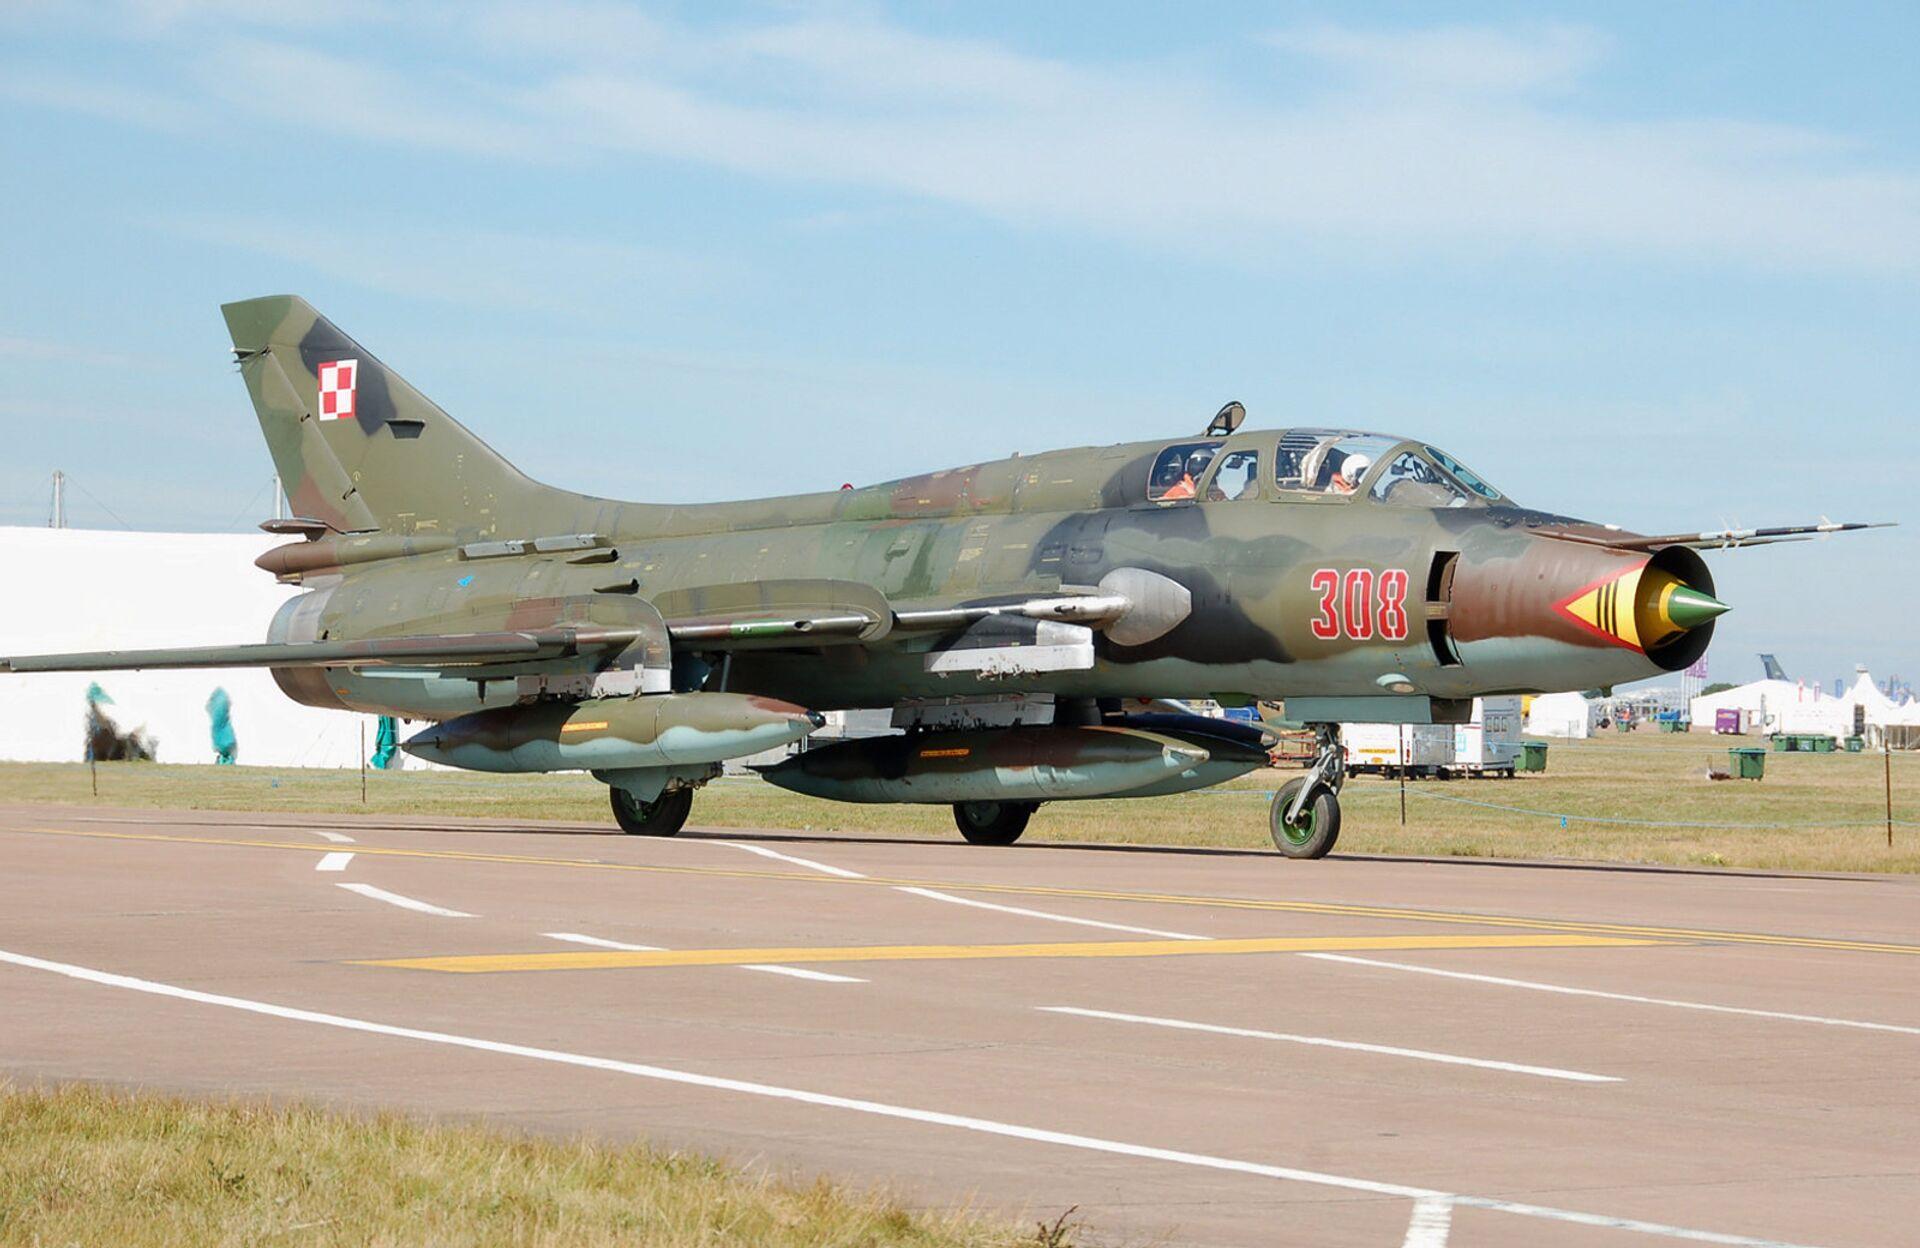 Советский истребитель-бомбардировщик СУ-17 - РИА Новости, 1920, 31.03.2021